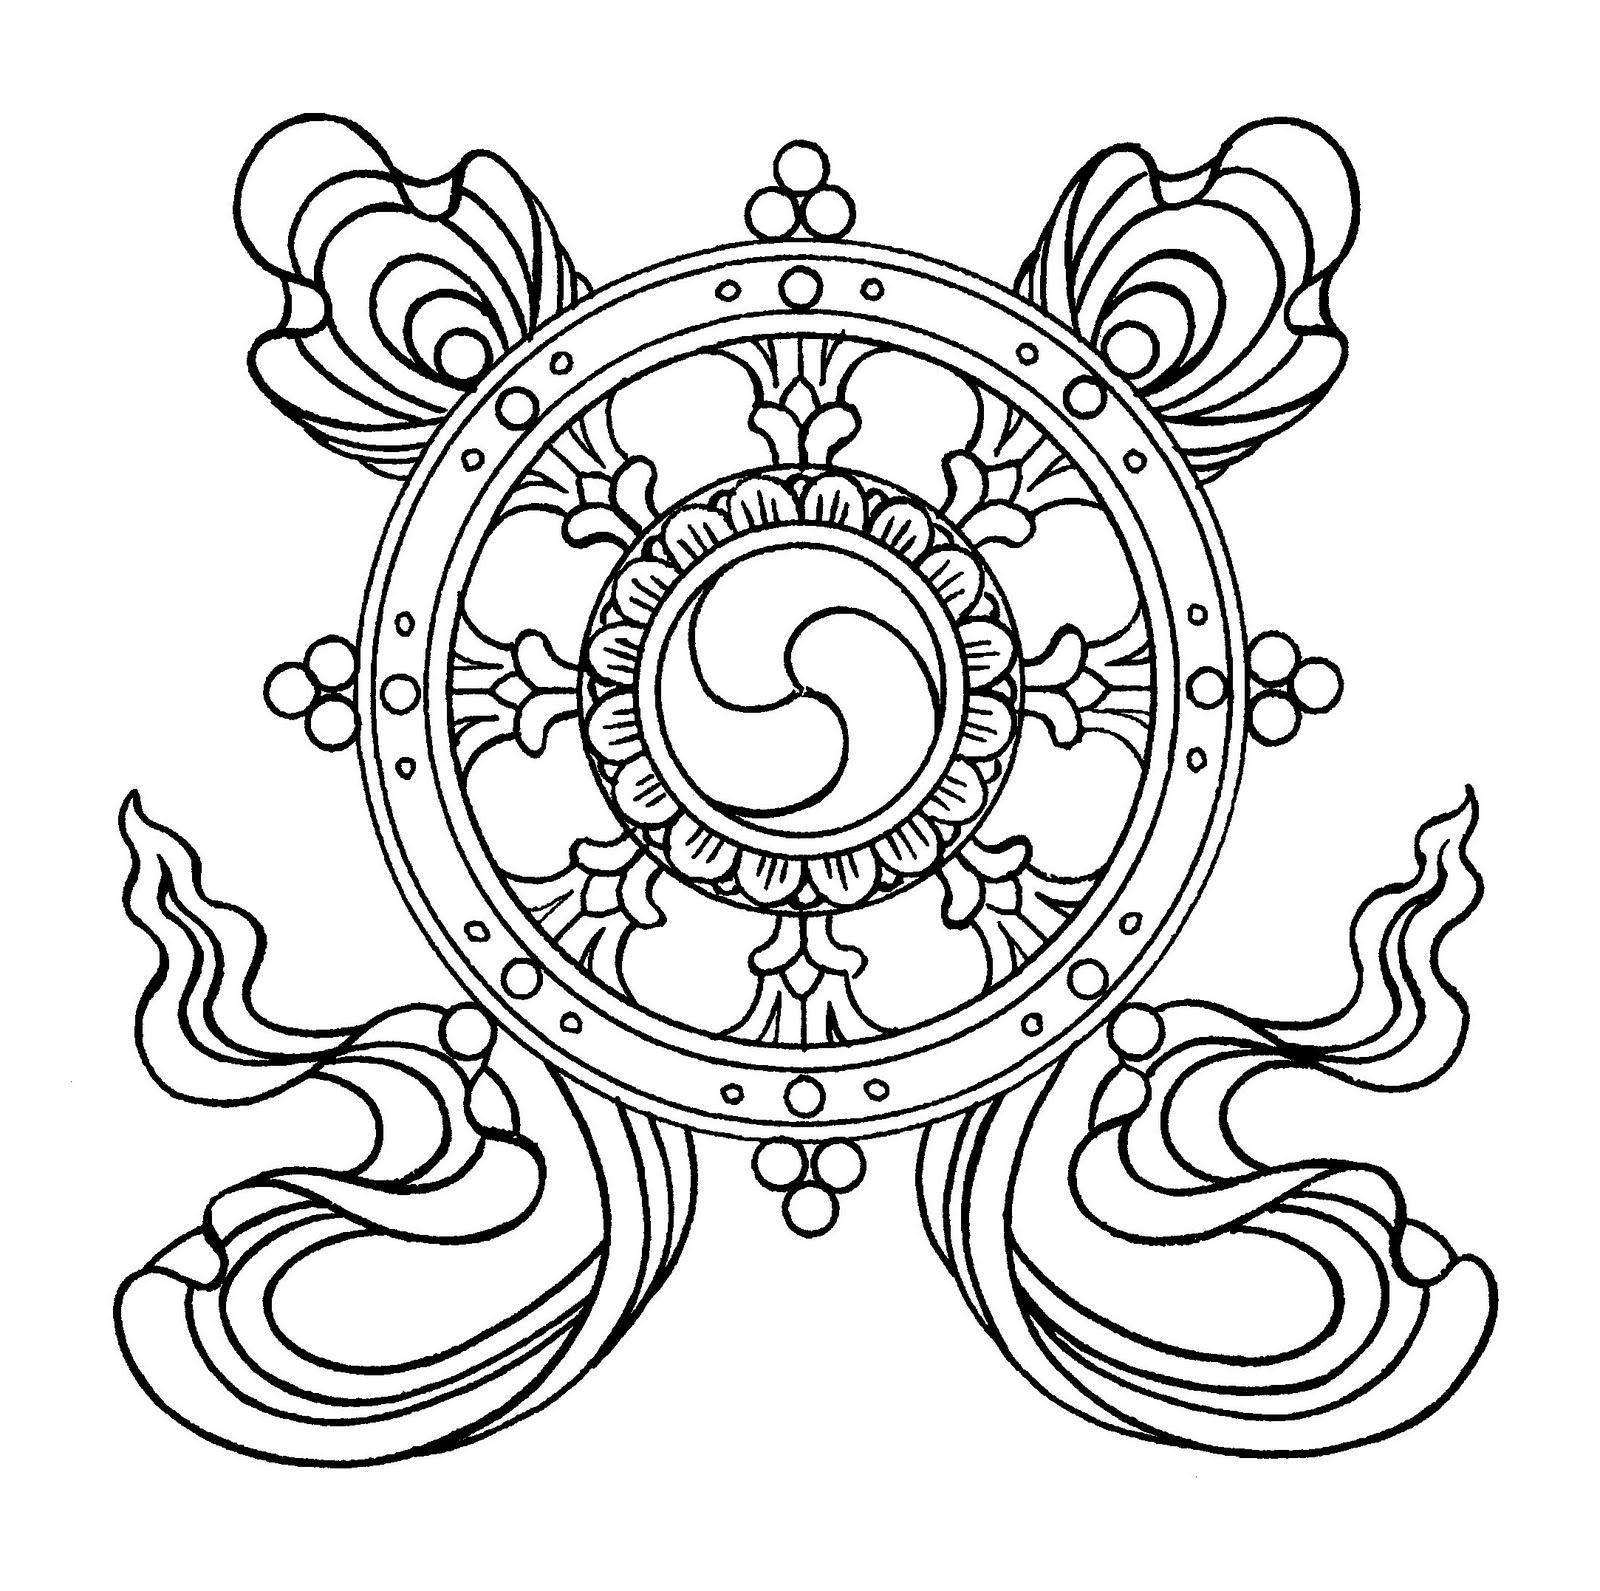 La rueda dorada | Bonitas | Pinterest | Mandalas, Colorear y Abstracto